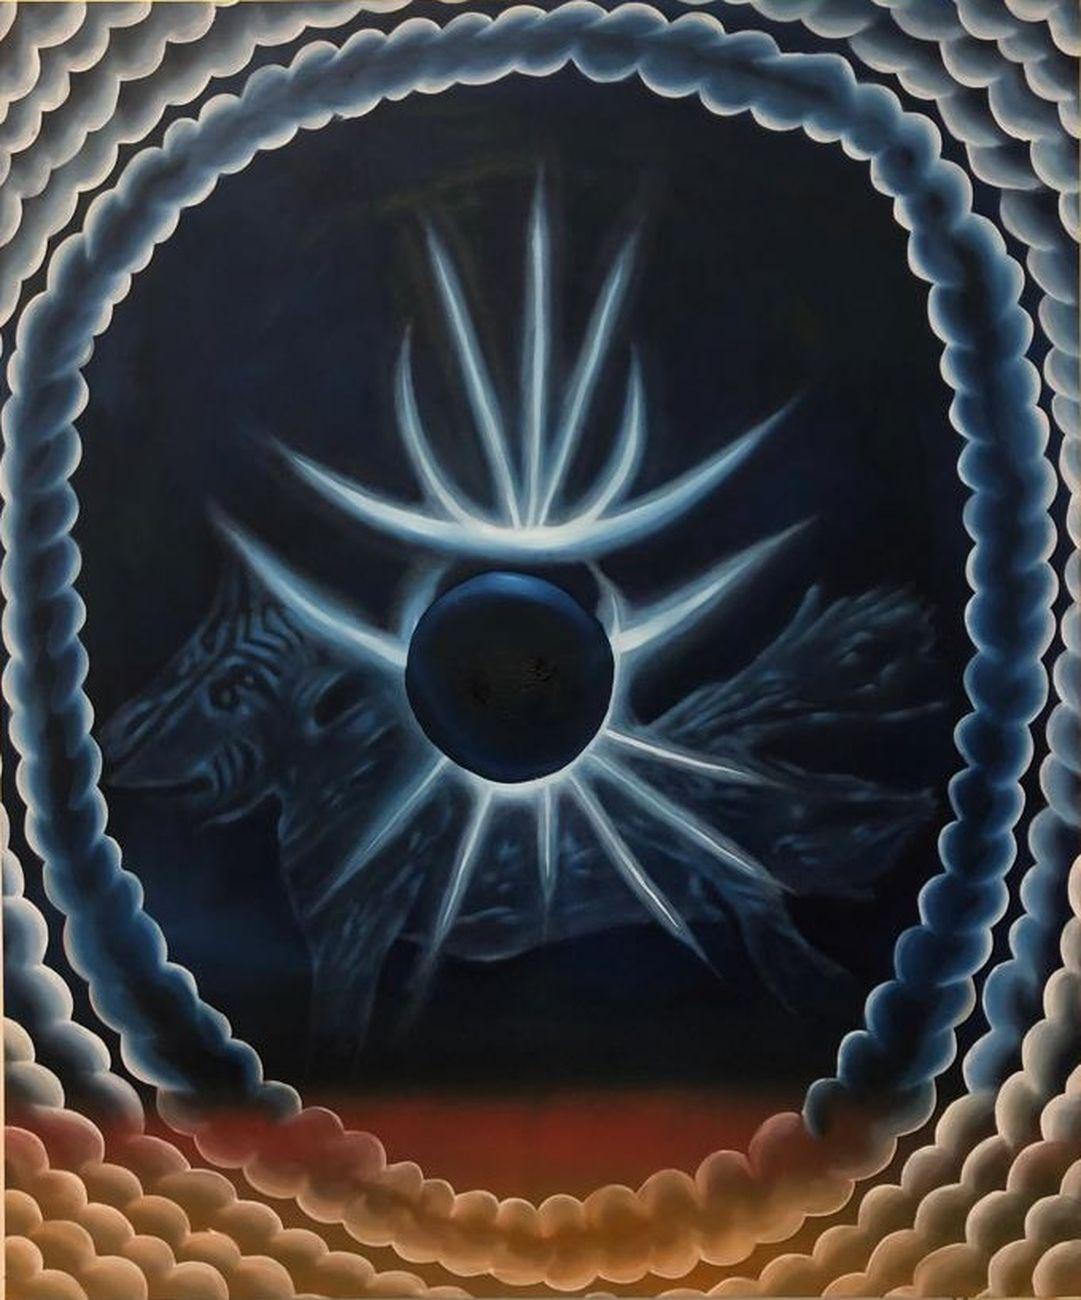 Diego Gualandris, Scoiattolo dell'Apocalisse, 2019, olio e acrilico su tela, 100x80 cm